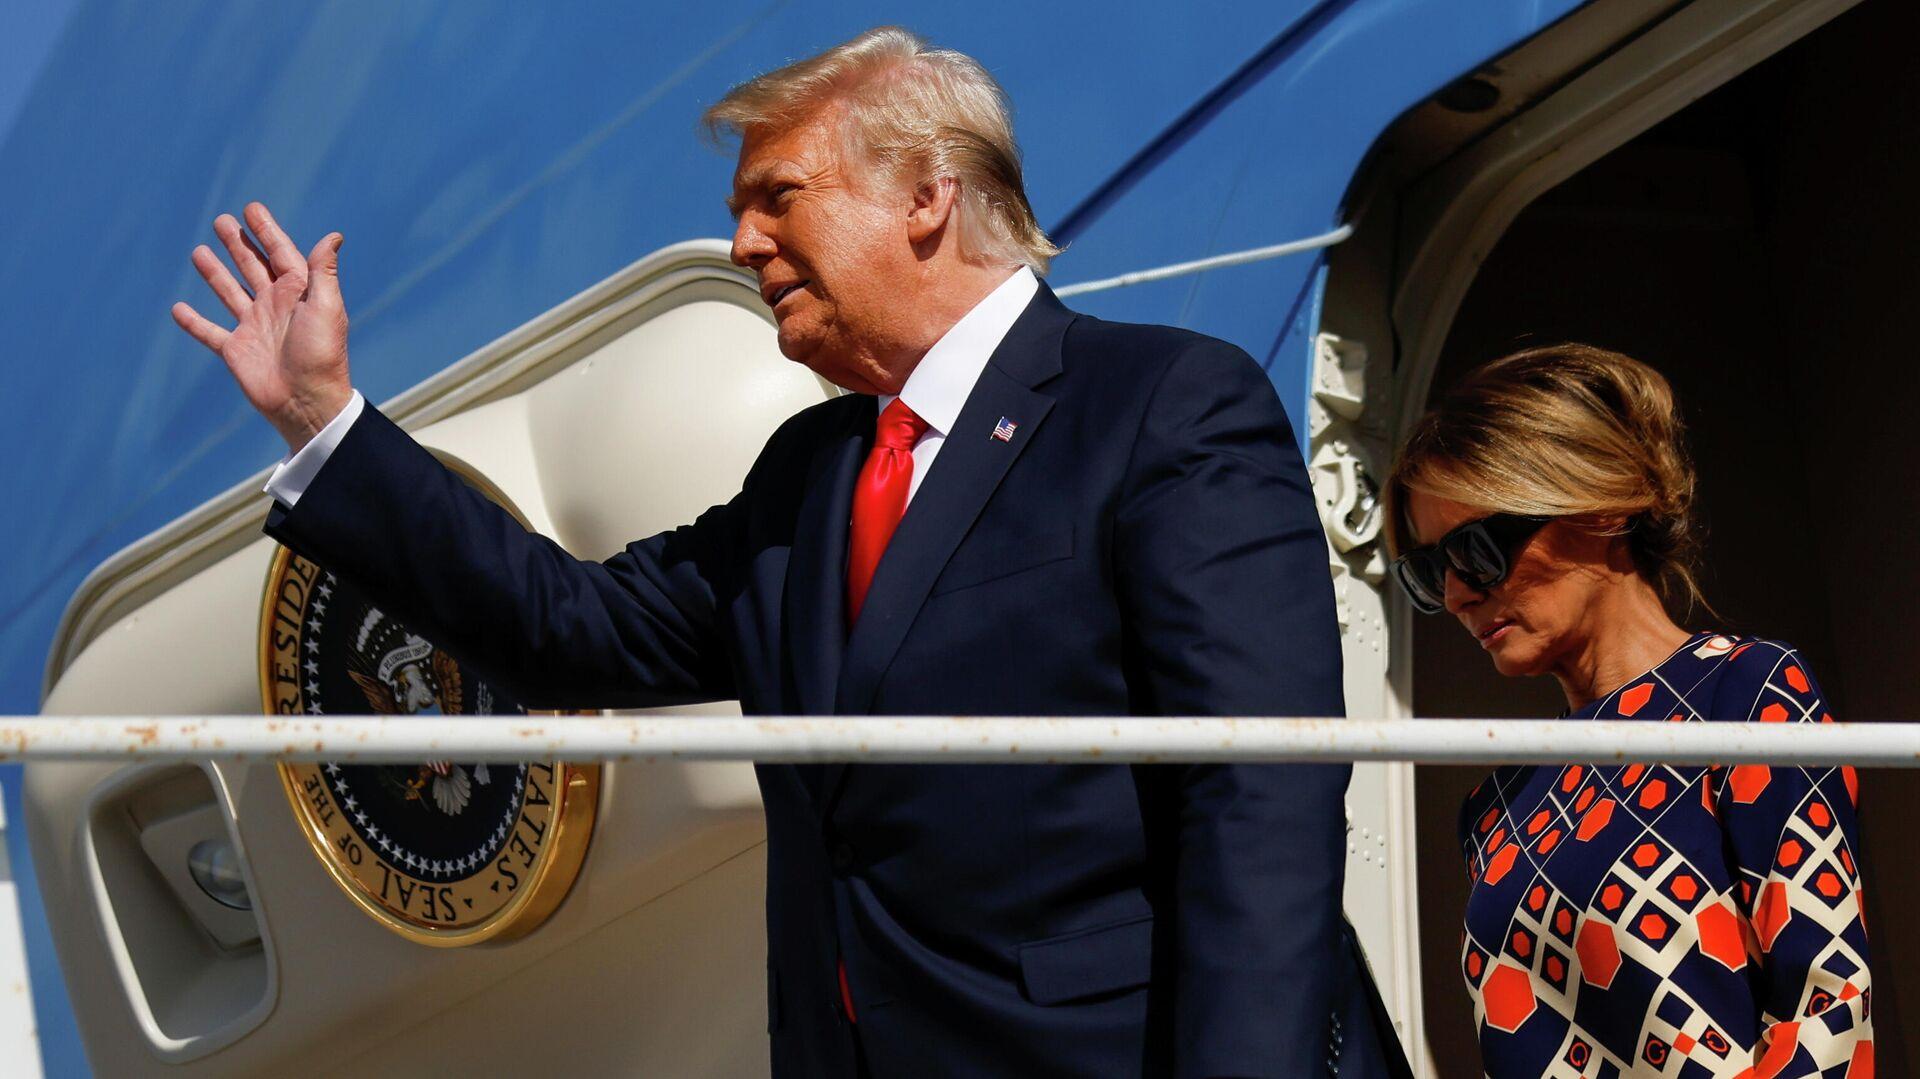 Дональд Трамп прибыл в Уэст Палм Бич, штат Флорида - РИА Новости, 1920, 22.01.2021